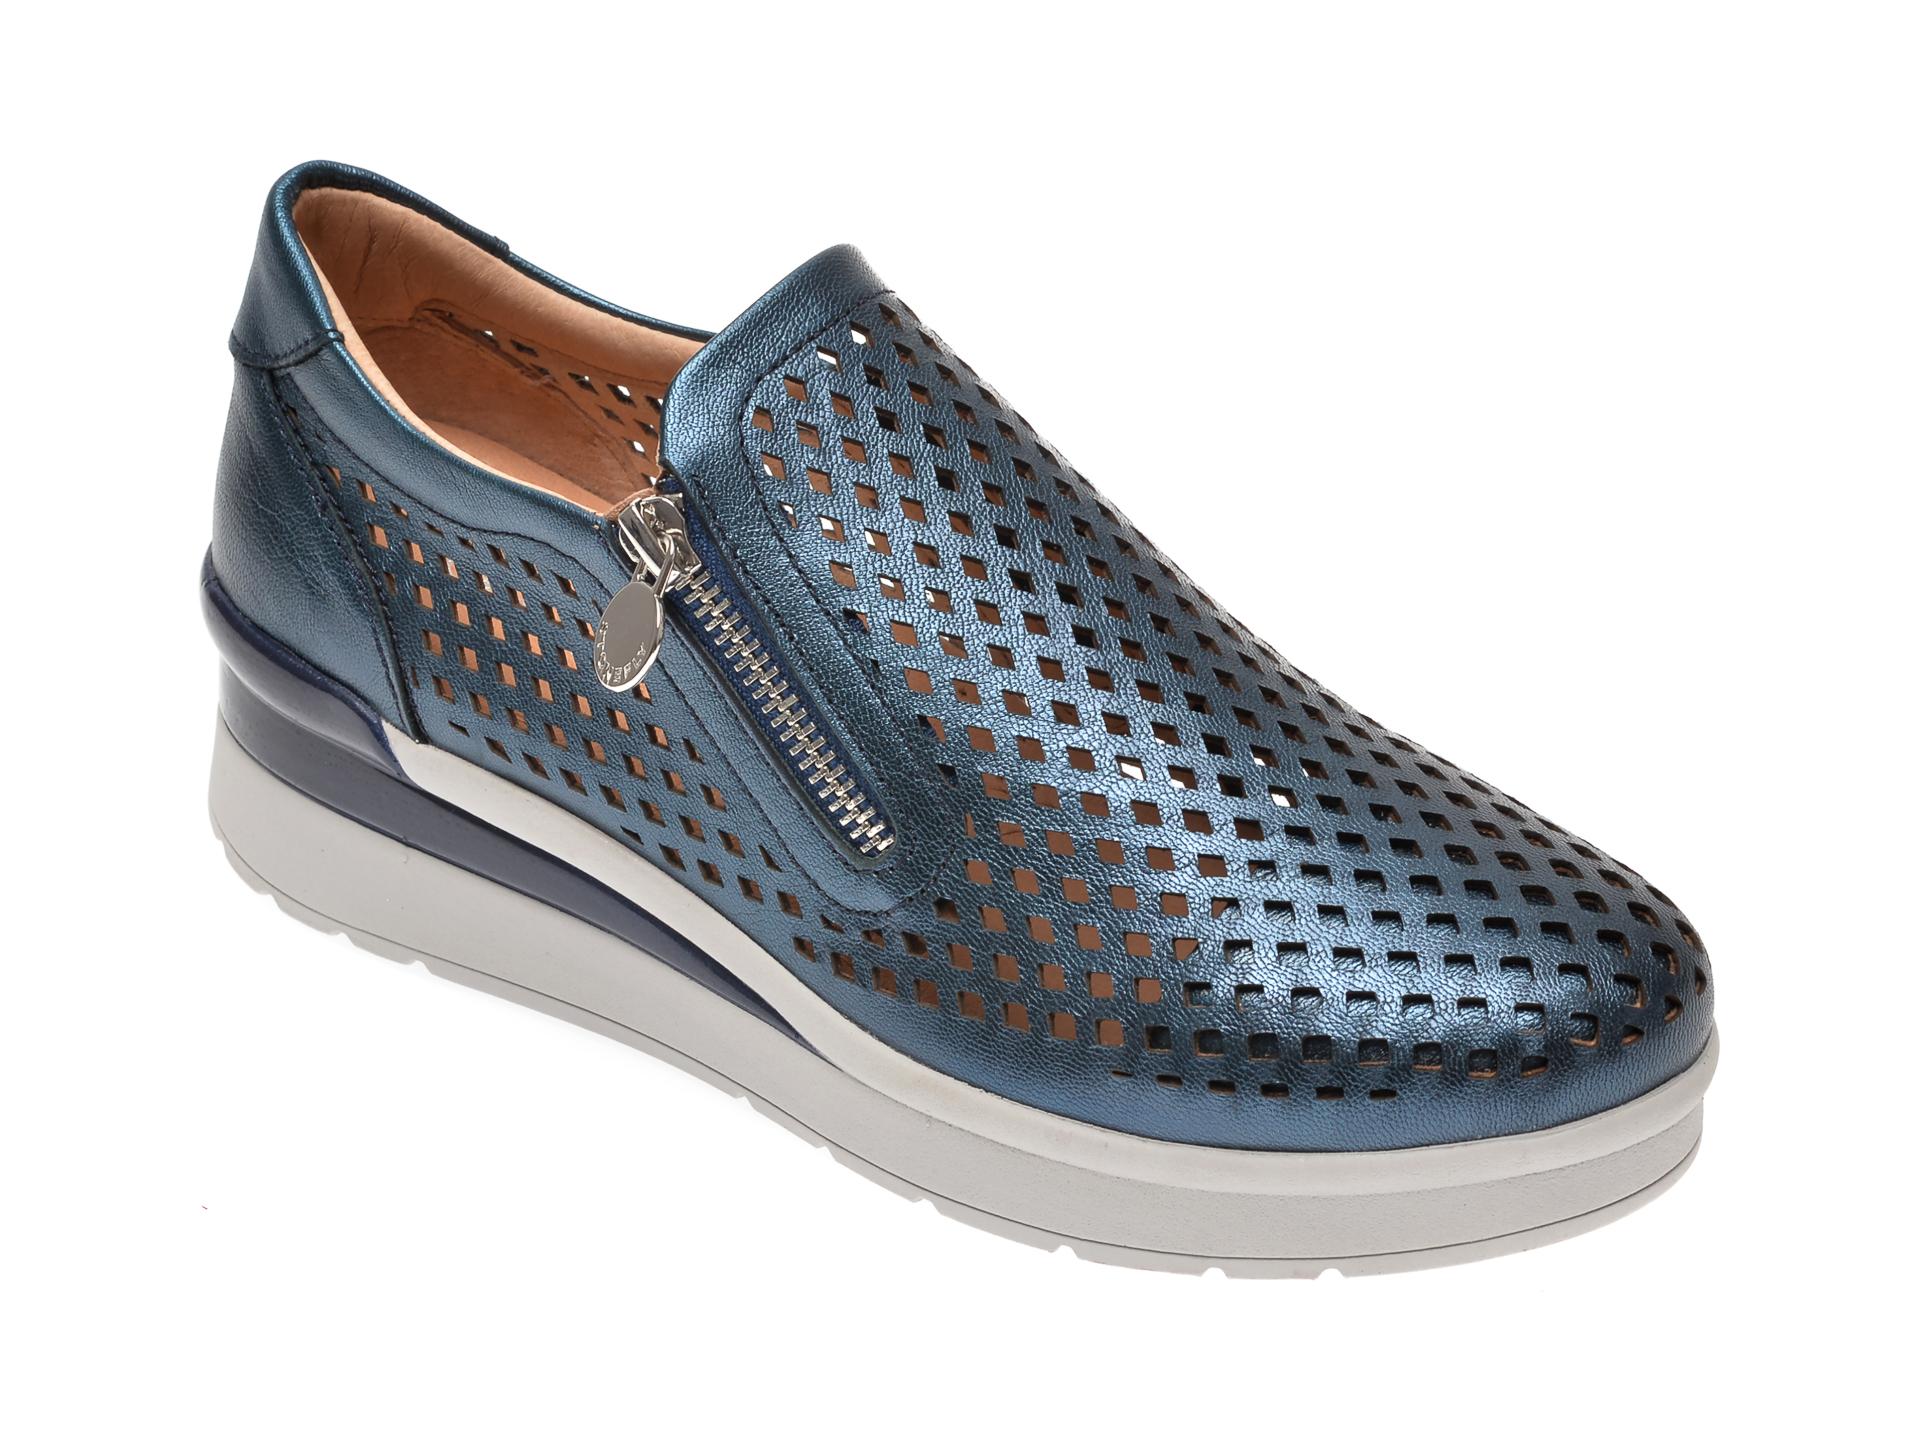 Pantofi STONEFLY bleumarin, CREAM25, din piele naturala